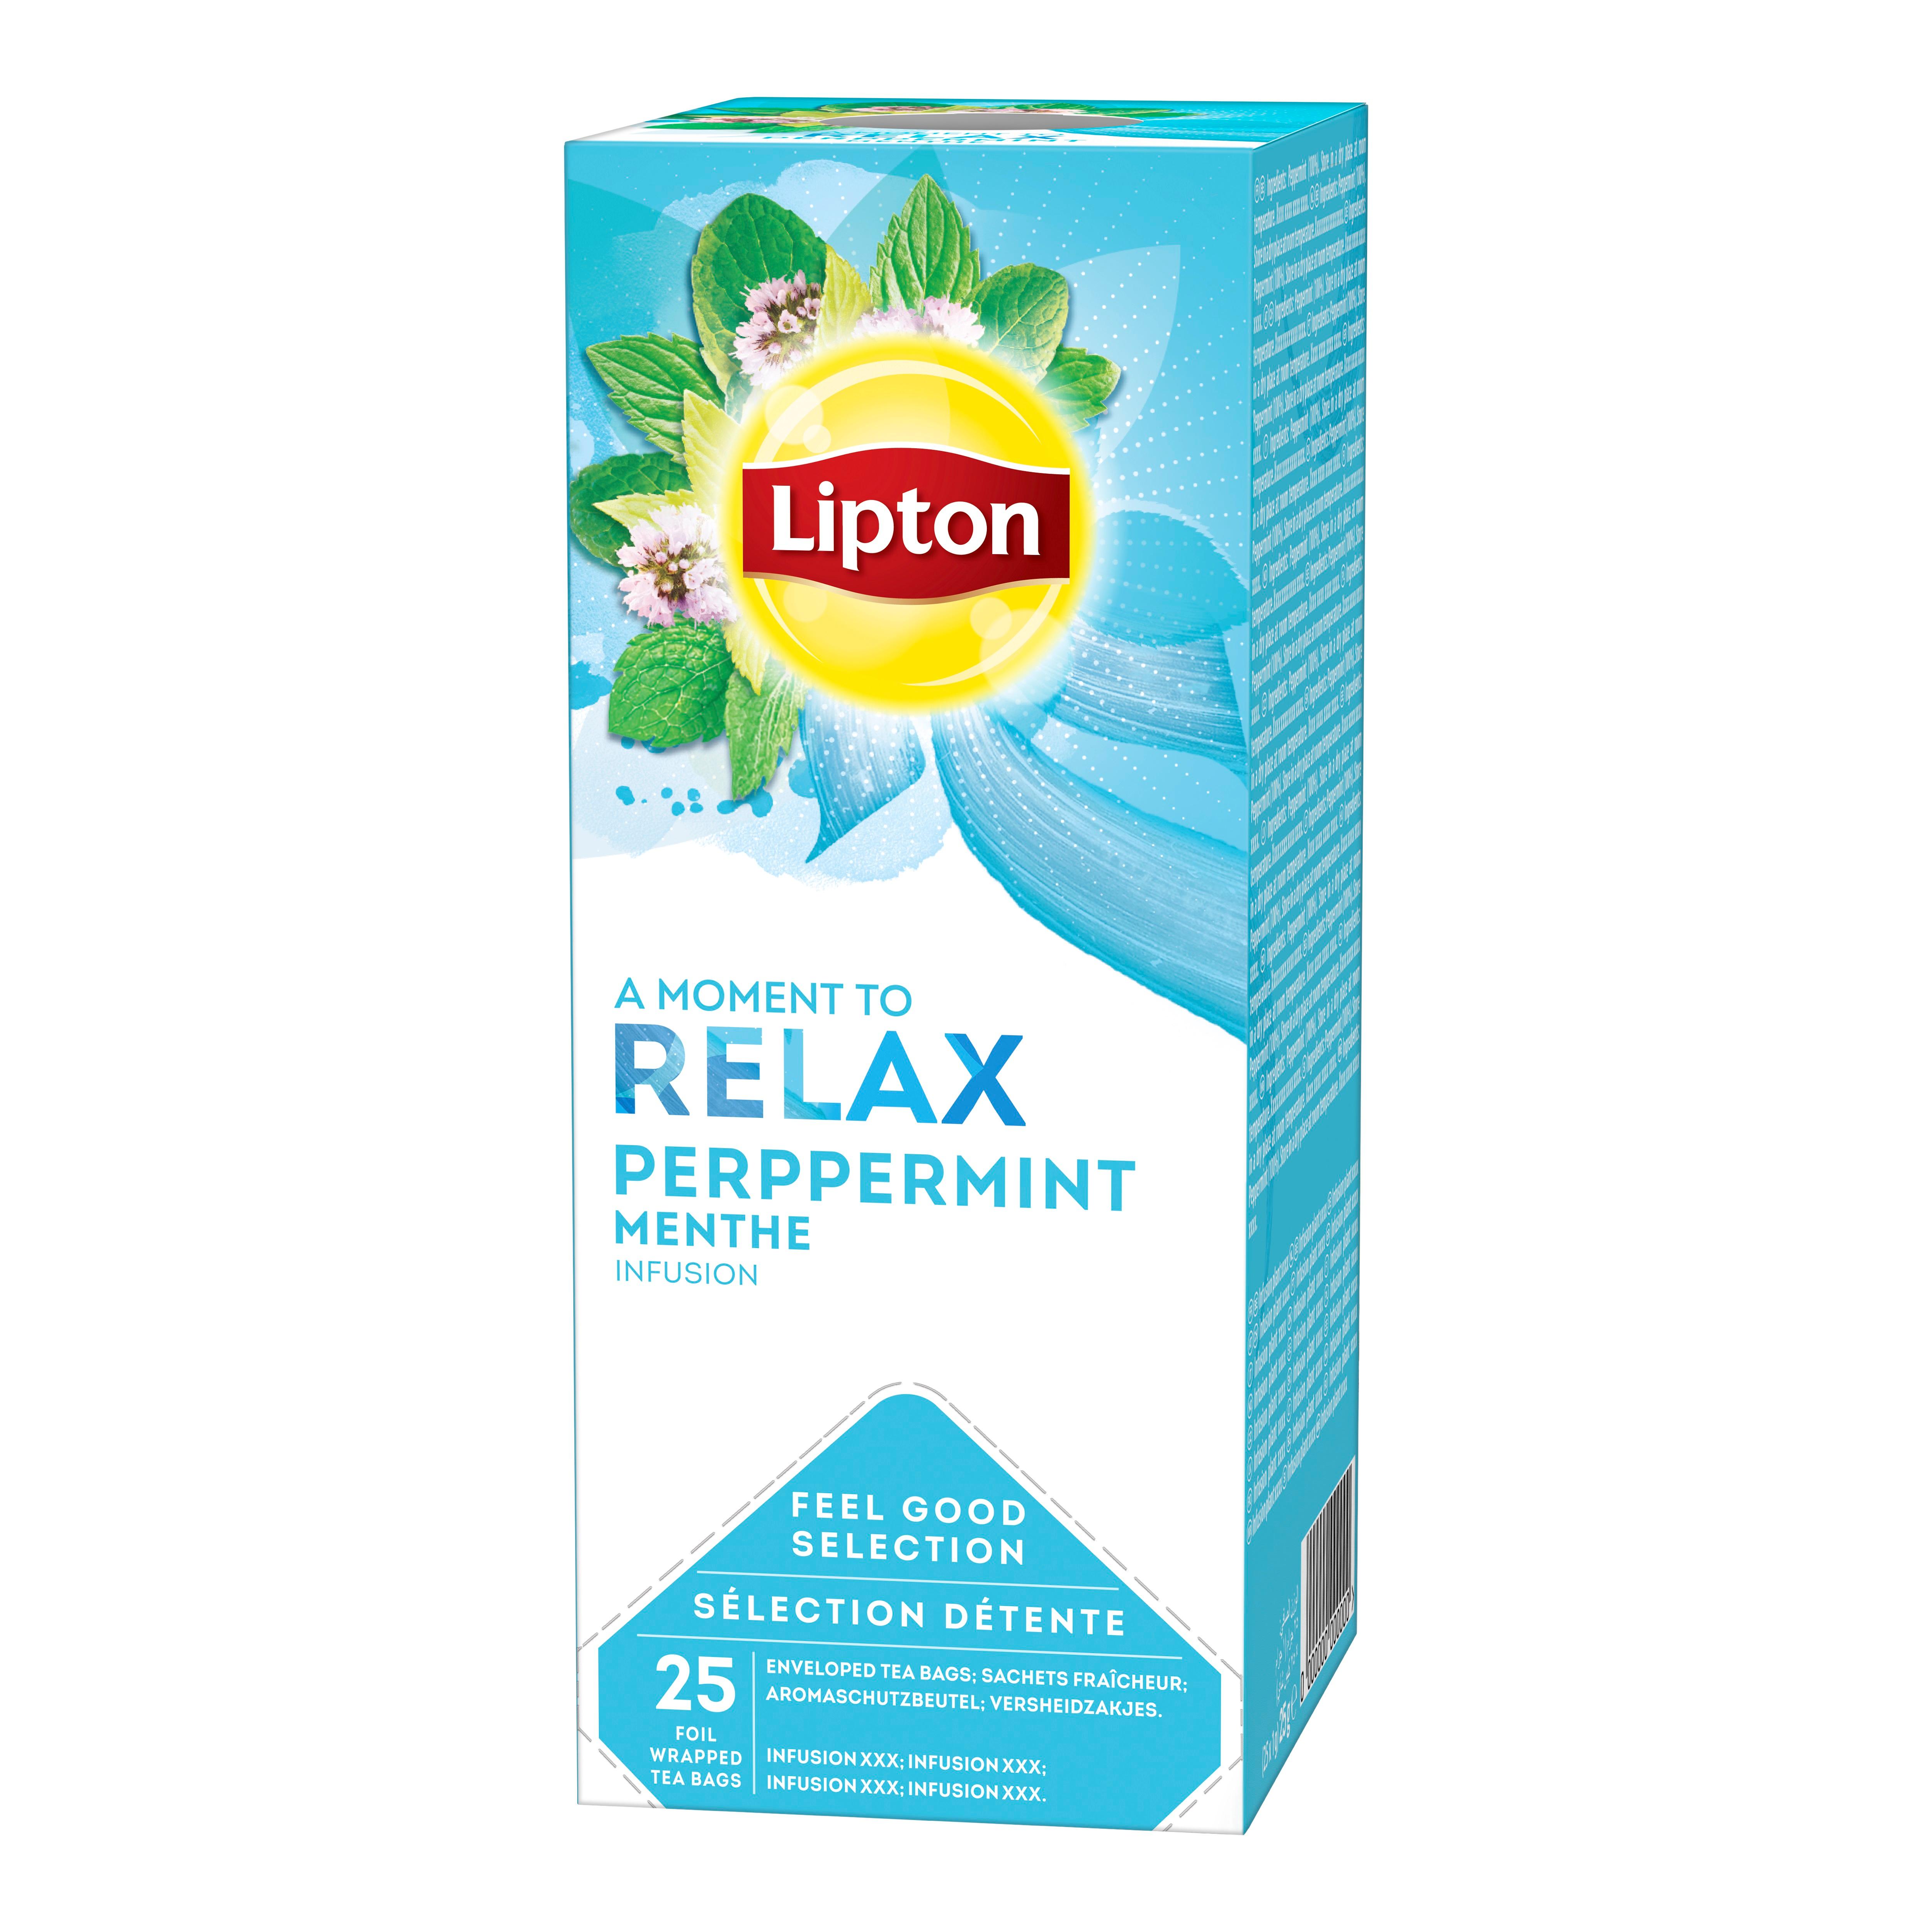 Lipton Čaj od mente 25/1 - Na raspolaganju su različiti čajevi Lipton: biljni, crni, zeleni i voćni